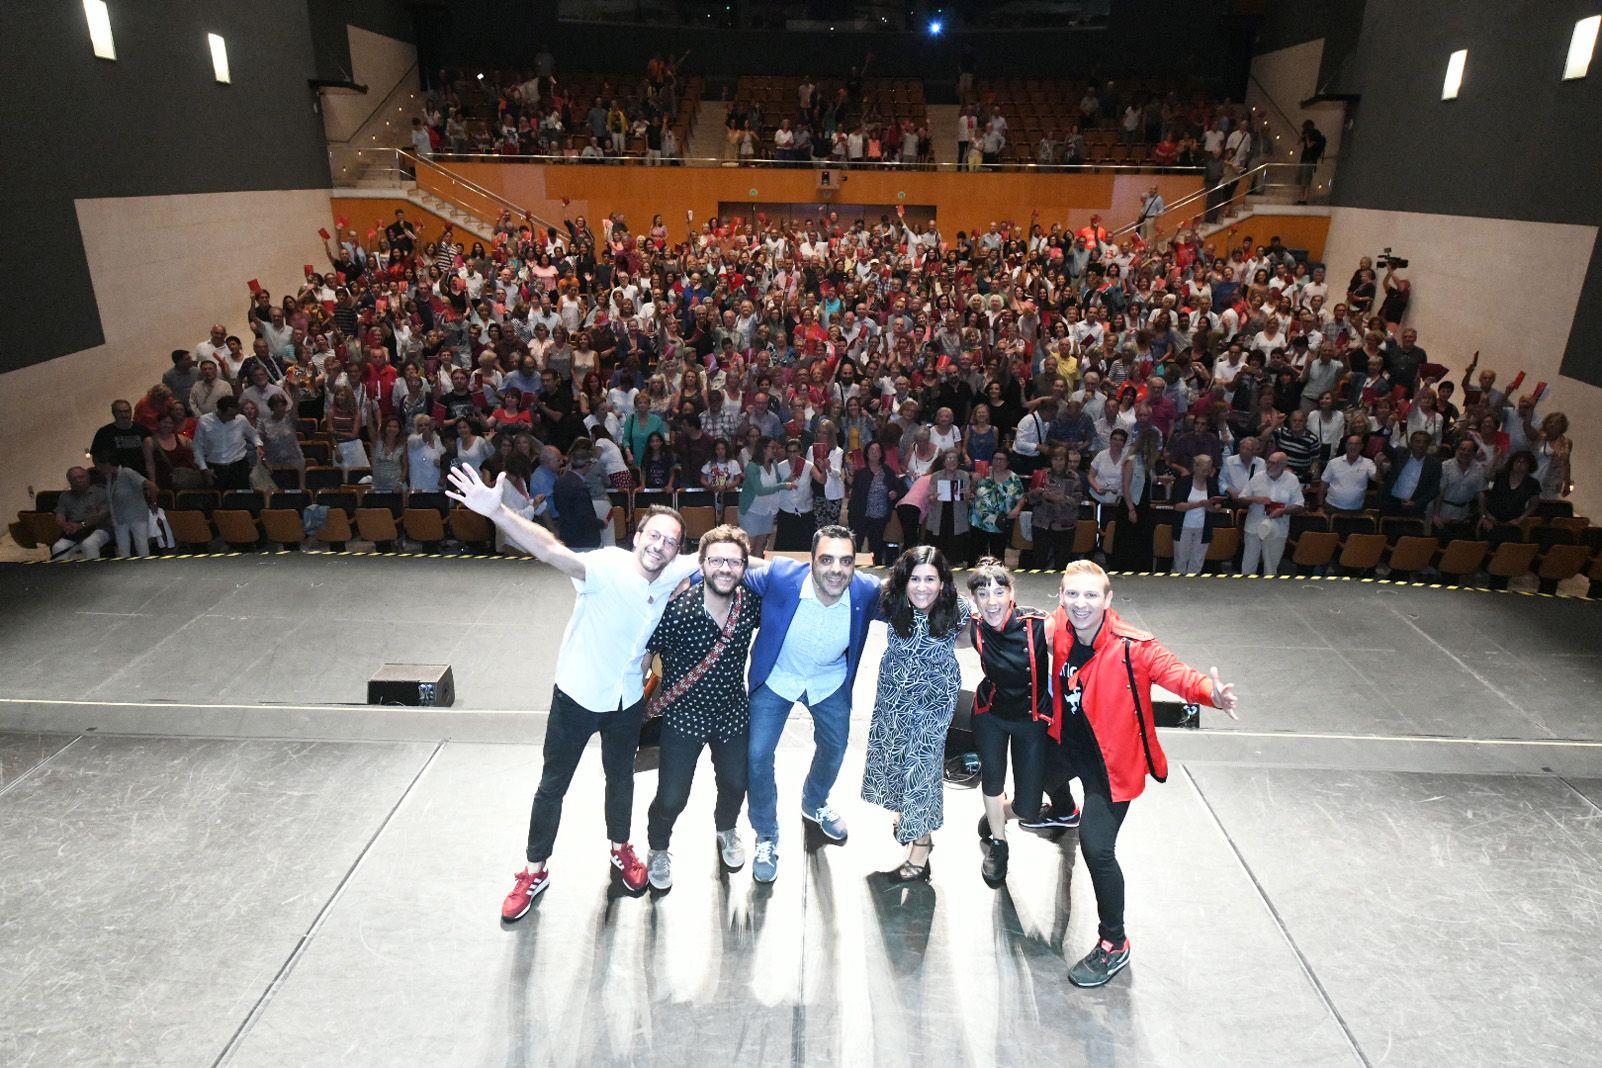 Presentació de la temporada 2019-20 al Teatre-Auditori. Foto: Jordi Garcia. Localpres.